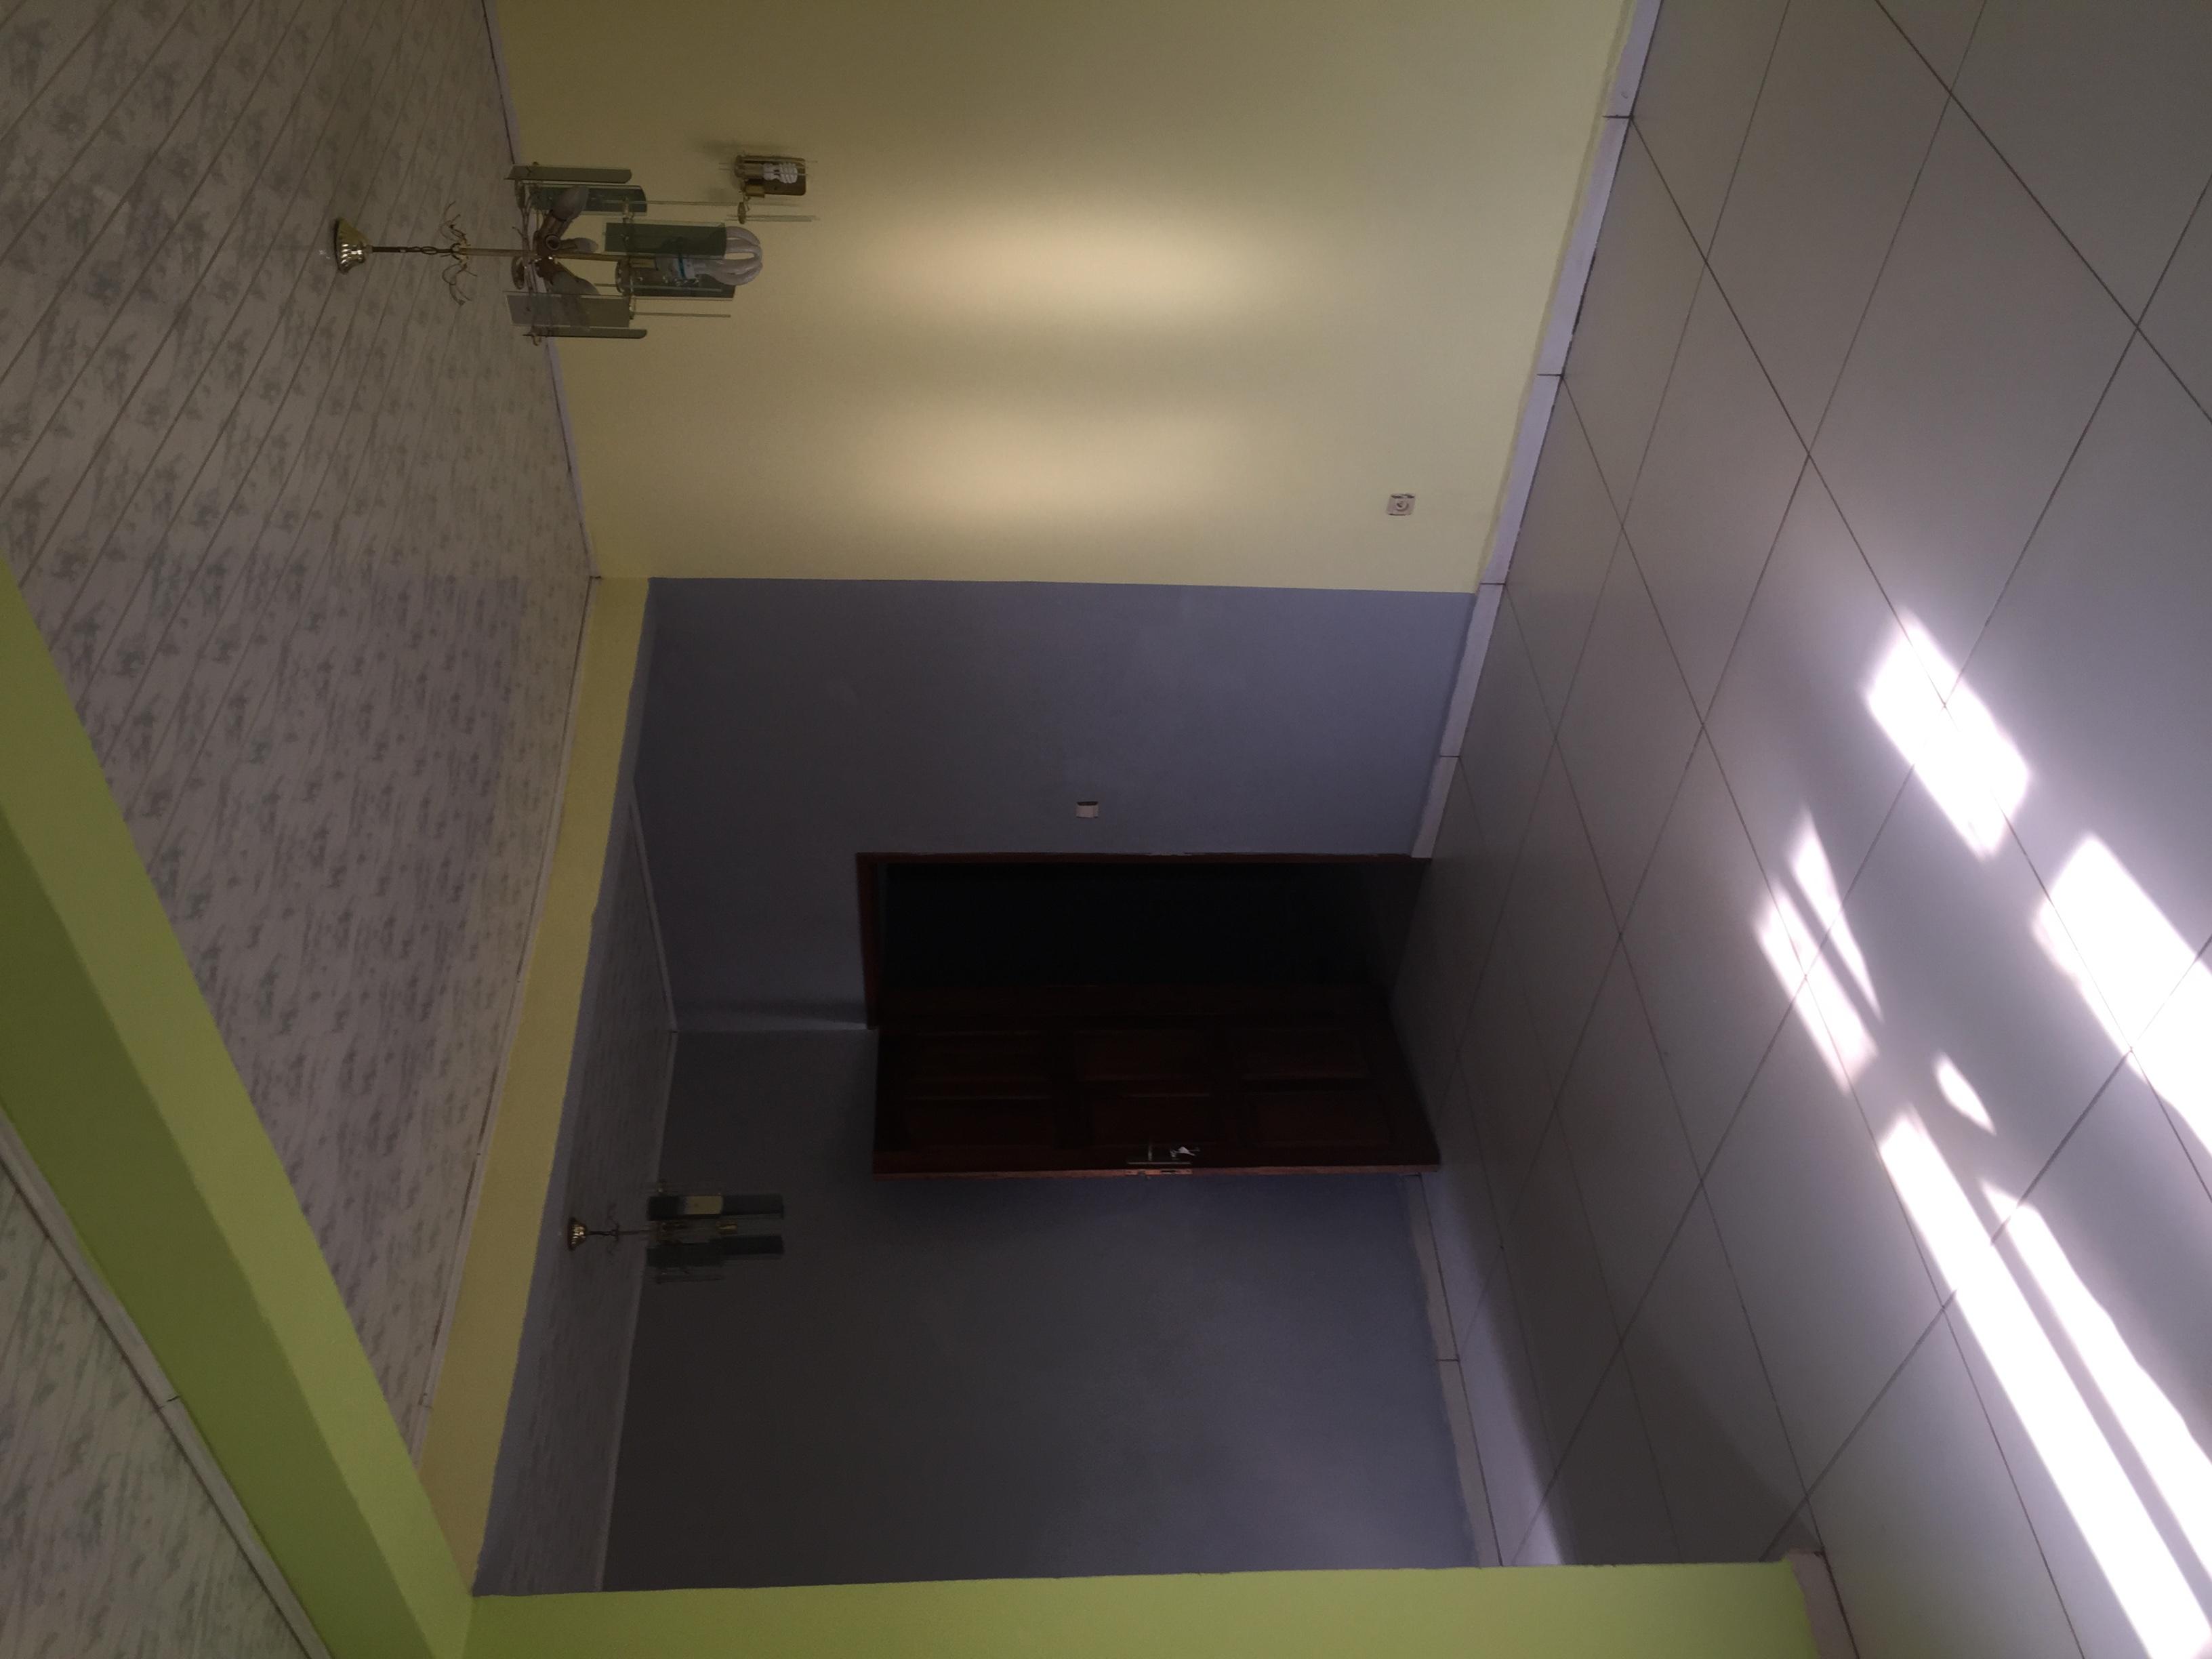 Appartement à louer - Yaoundé, Nsimeyong, Collège Vogt - 1 salon(s), 2 chambre(s), 1 salle(s) de bains - 150 000 FCFA / mois